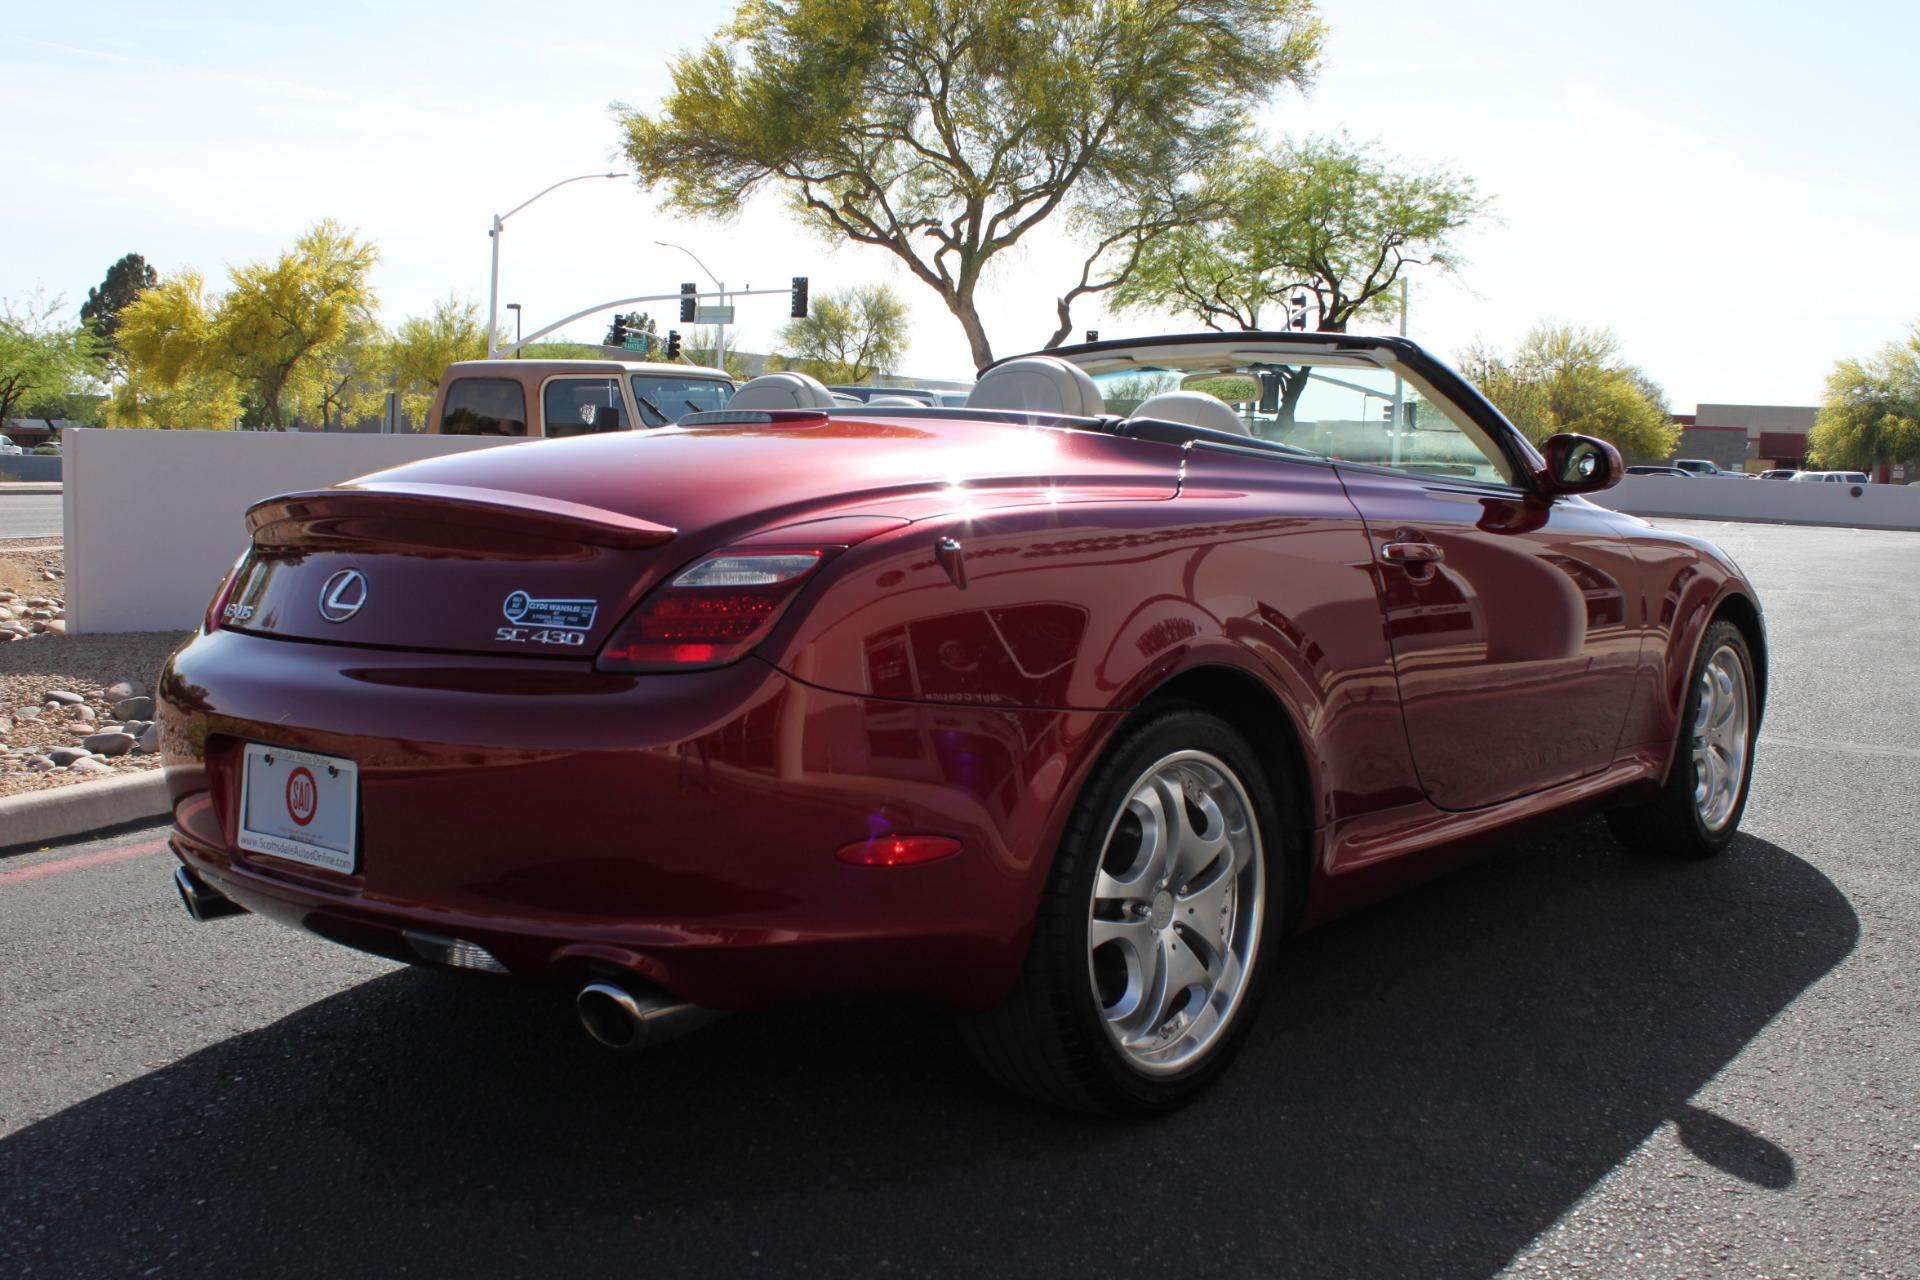 Used-2006-Lexus-SC-430-Chrysler